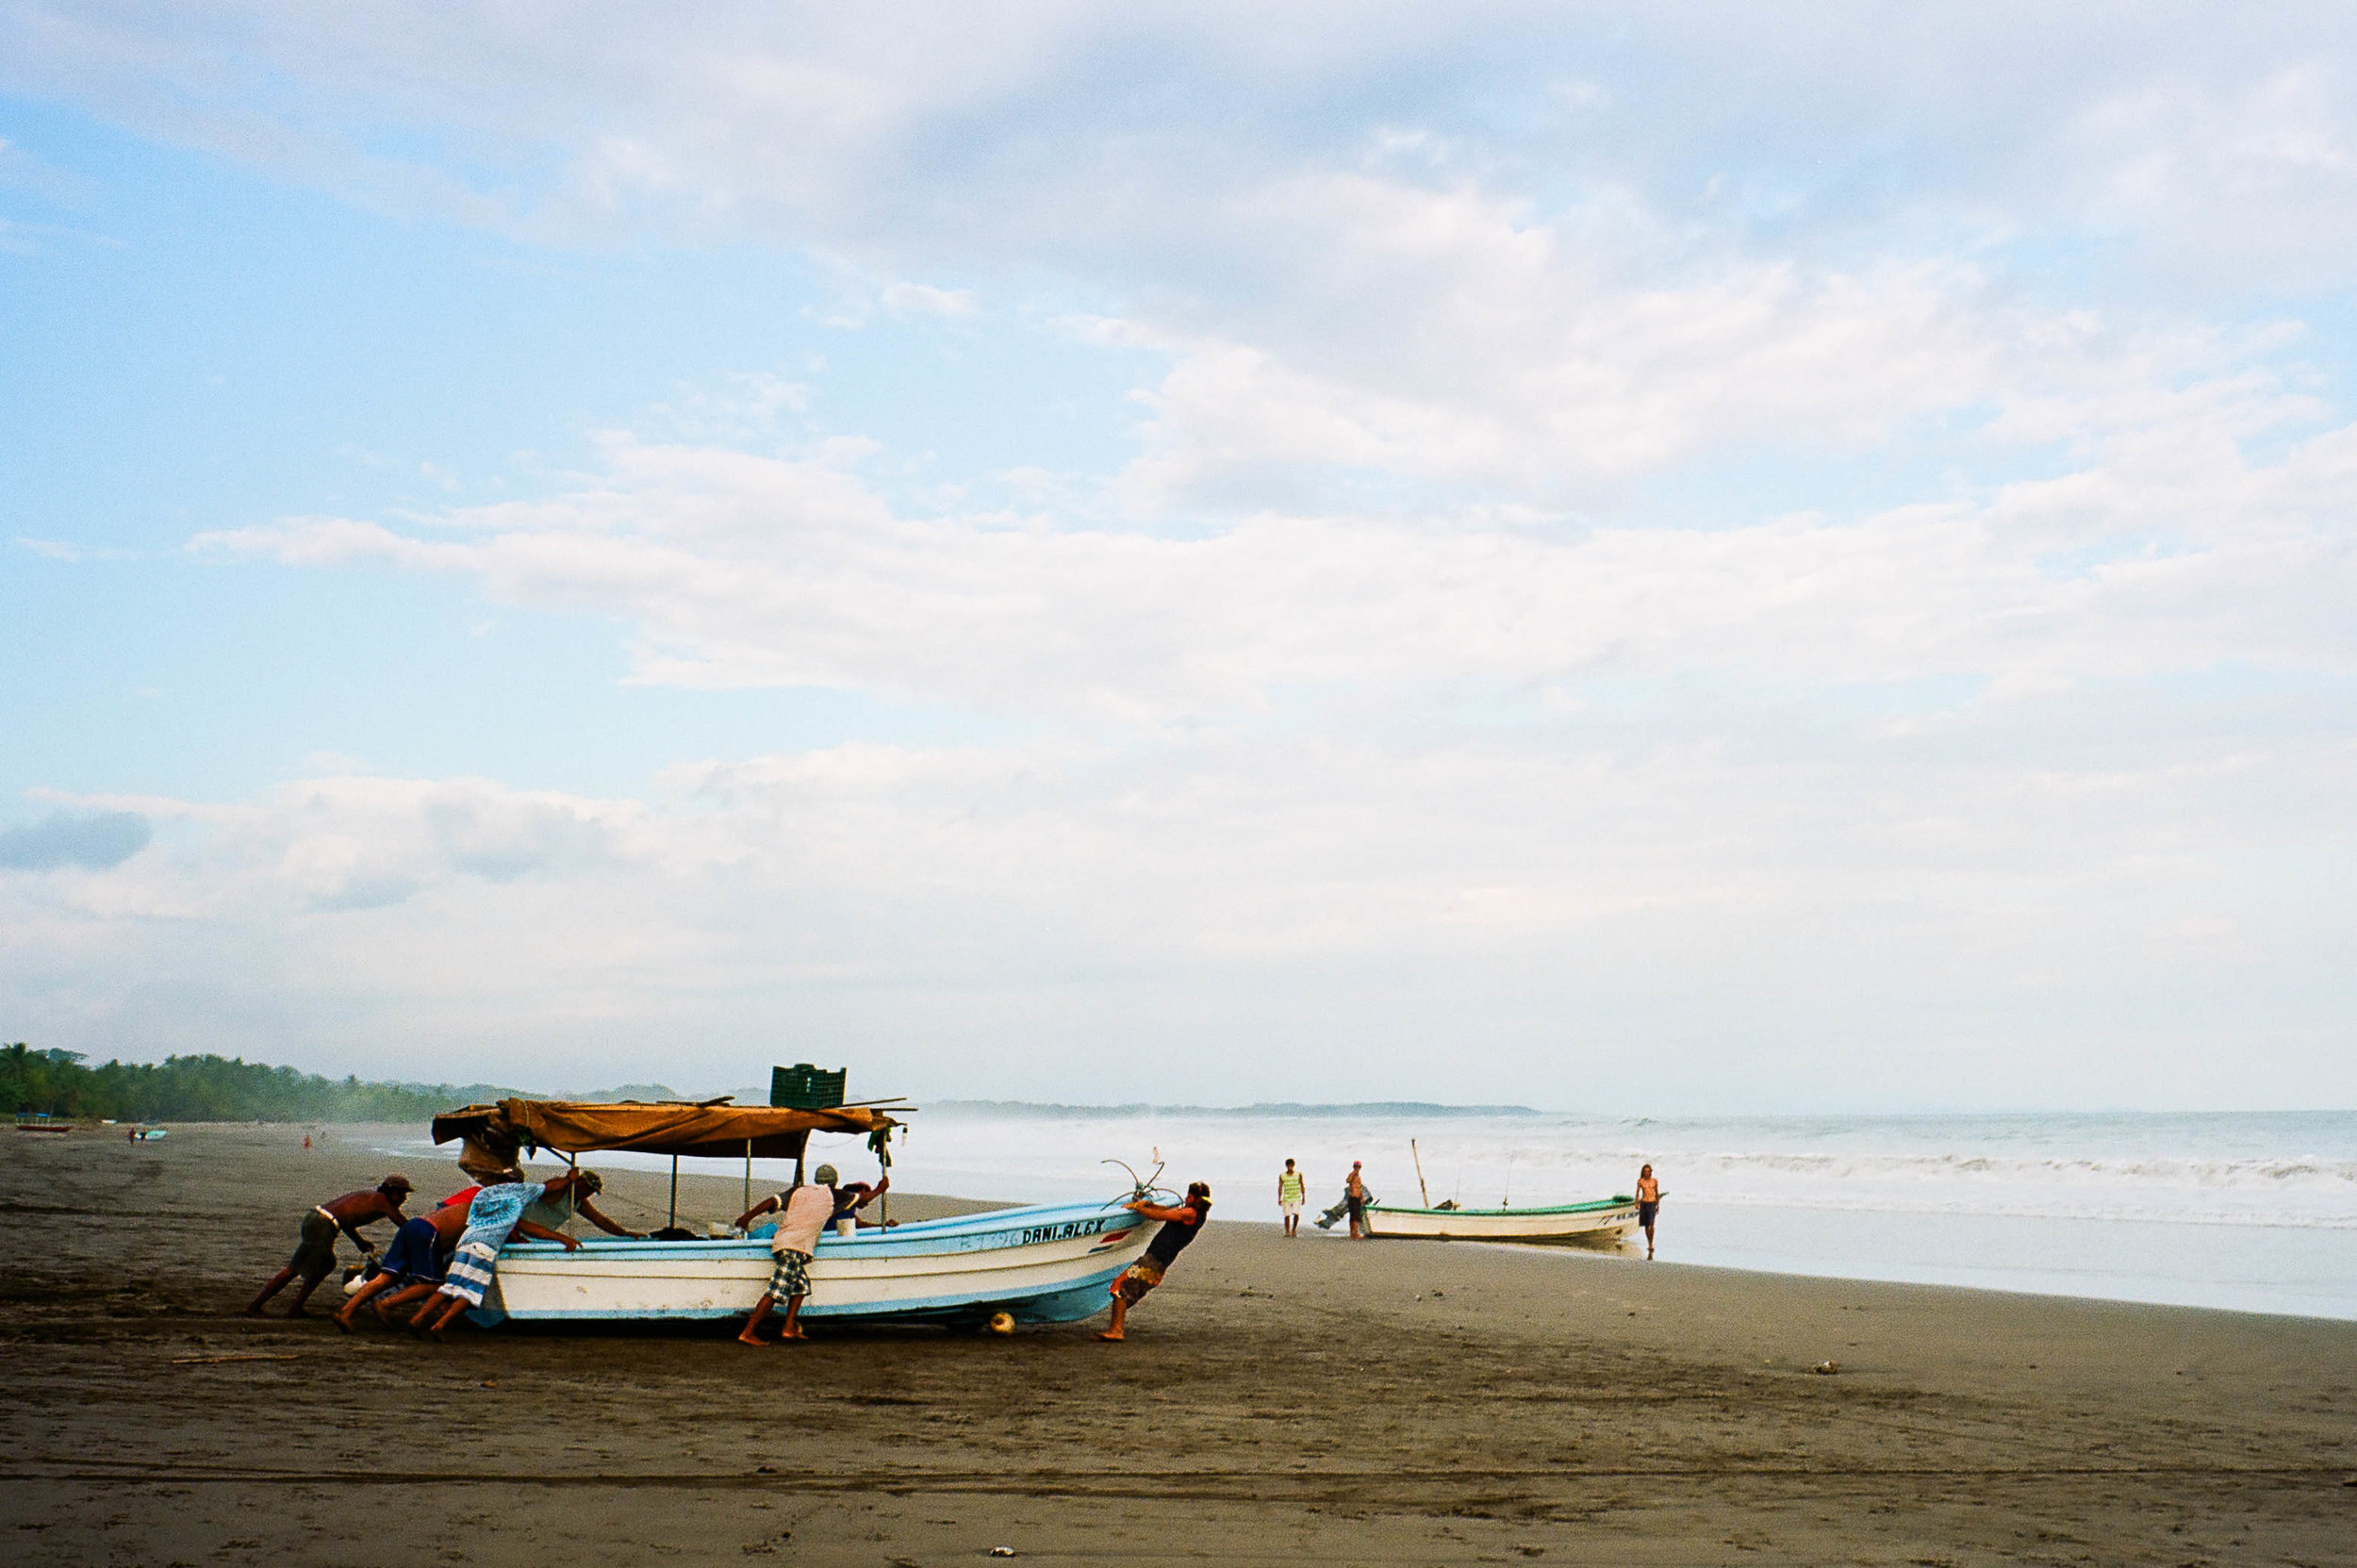 To Sea | Leica M6 | Portra 400 | Mandy TC